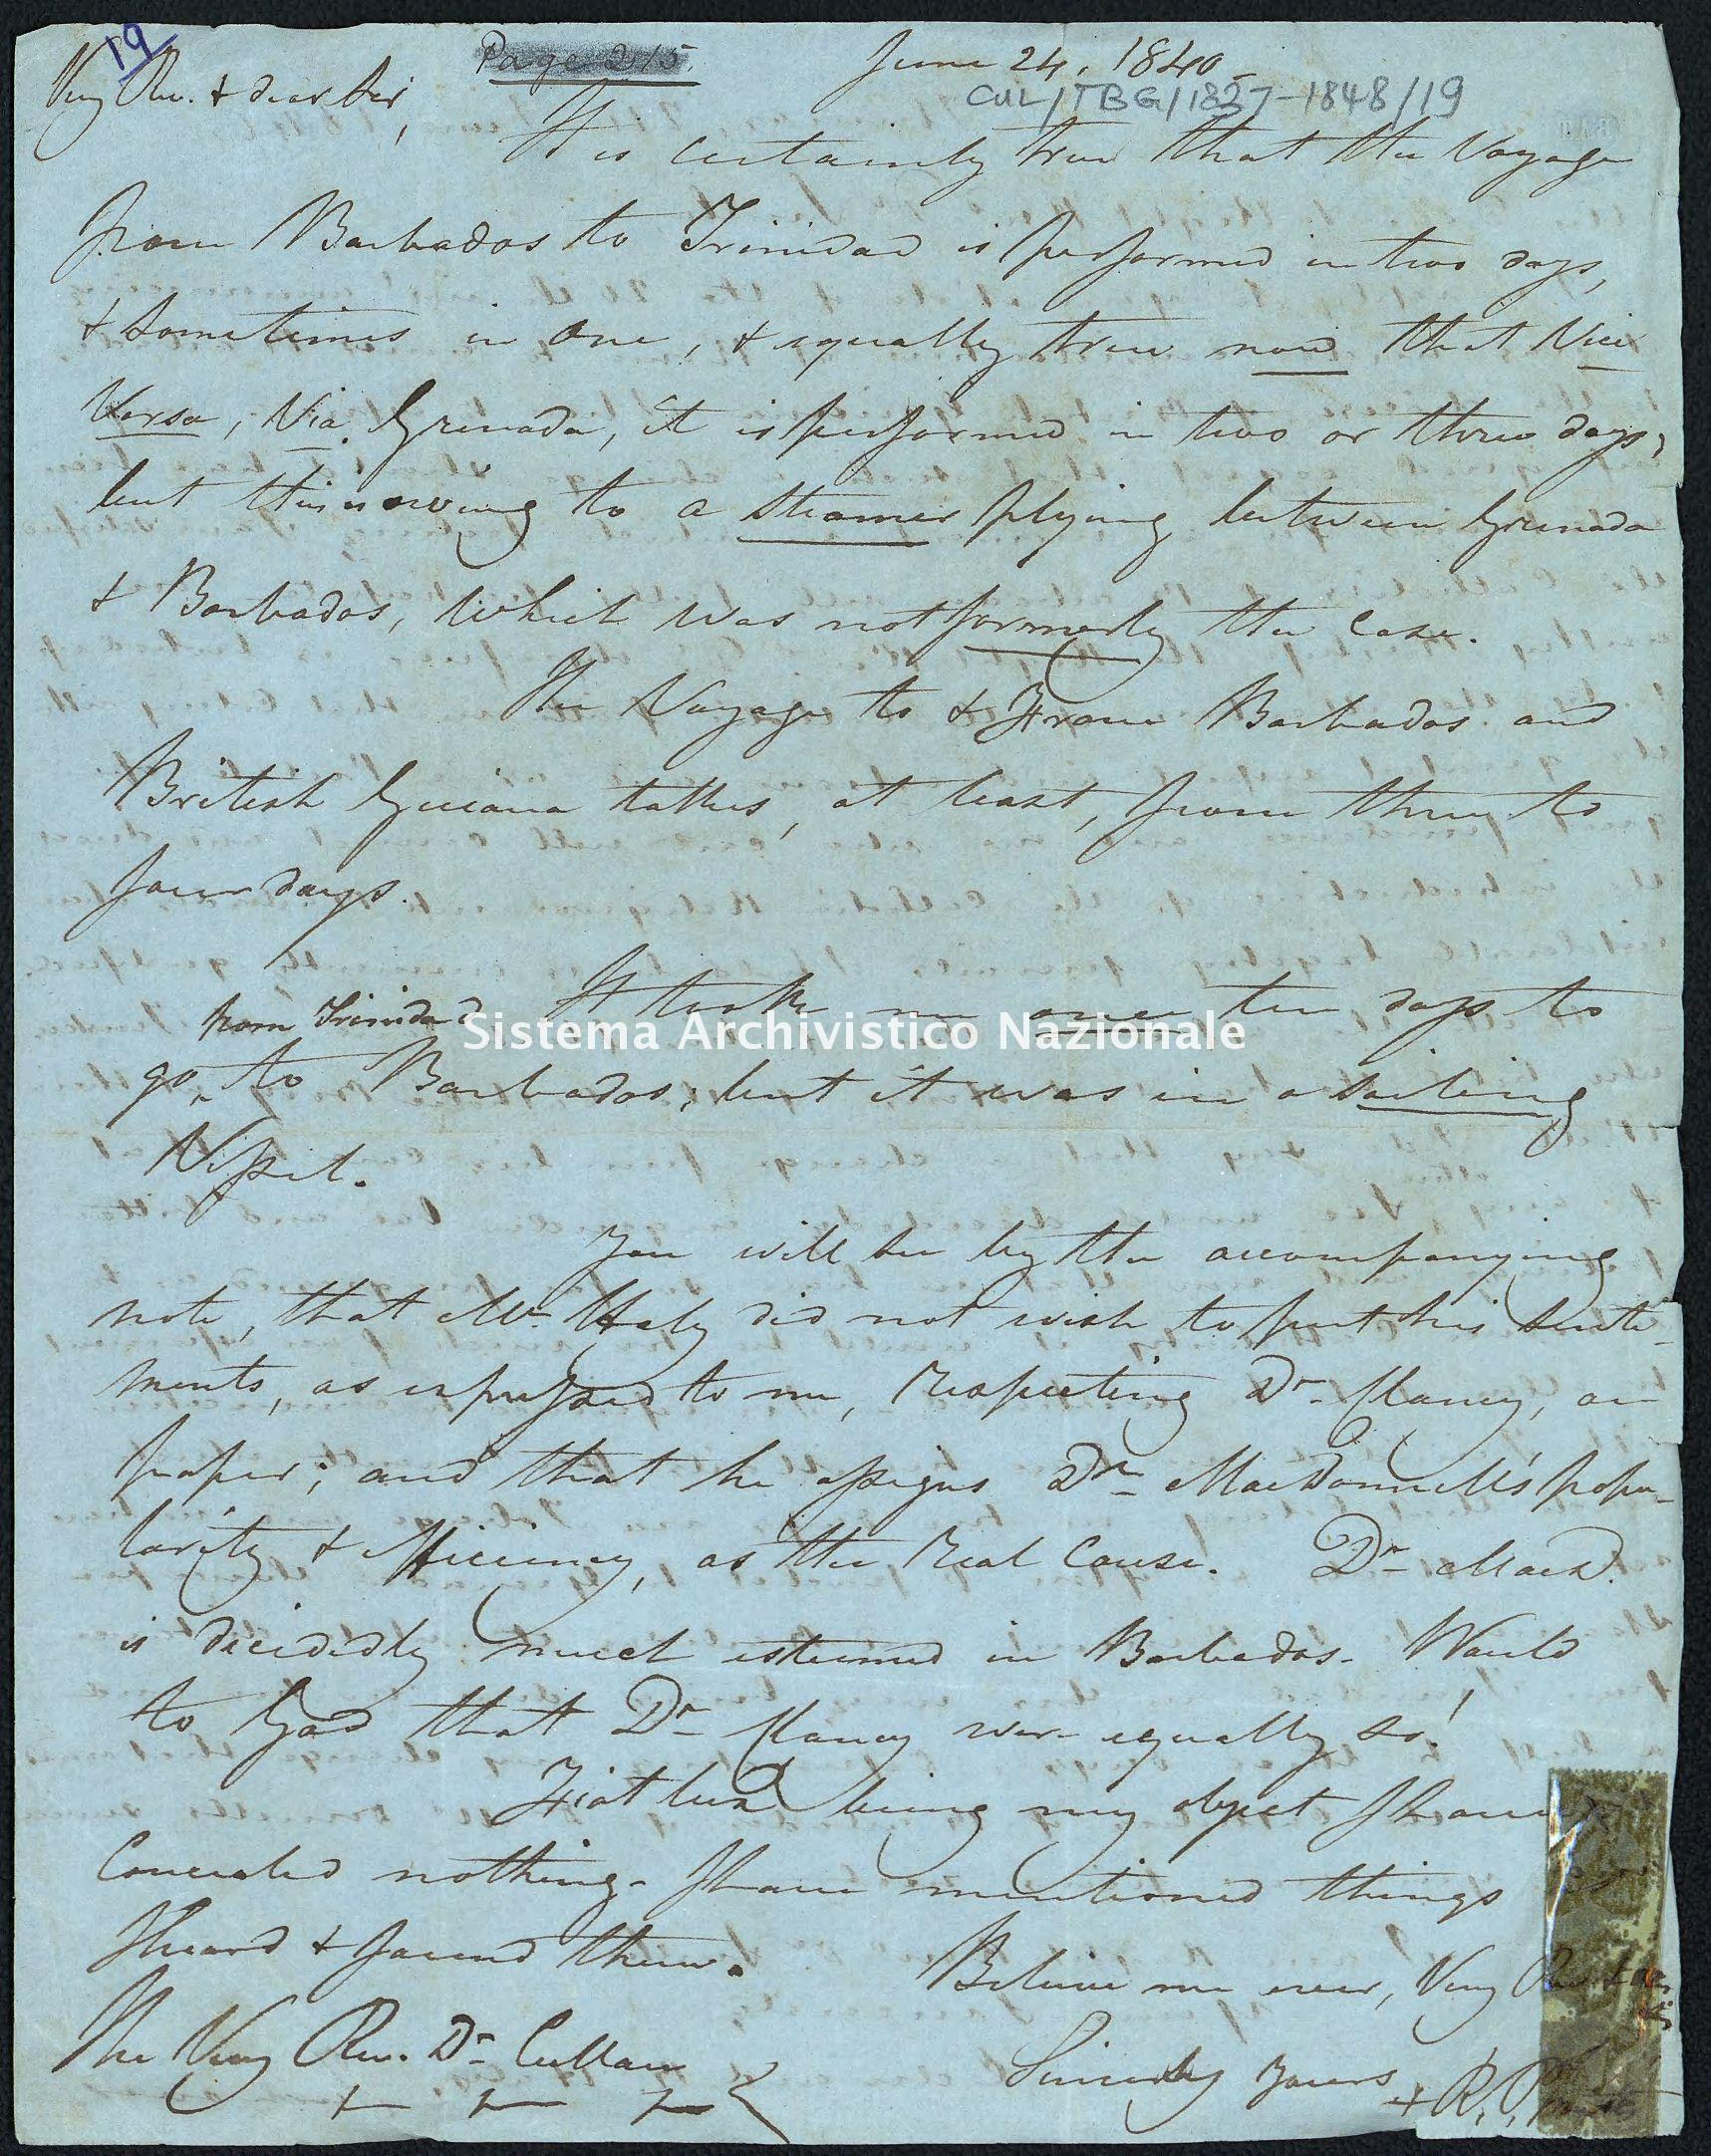 Pontificio Collegio Irlandese - Cullen_TBG_1840_19